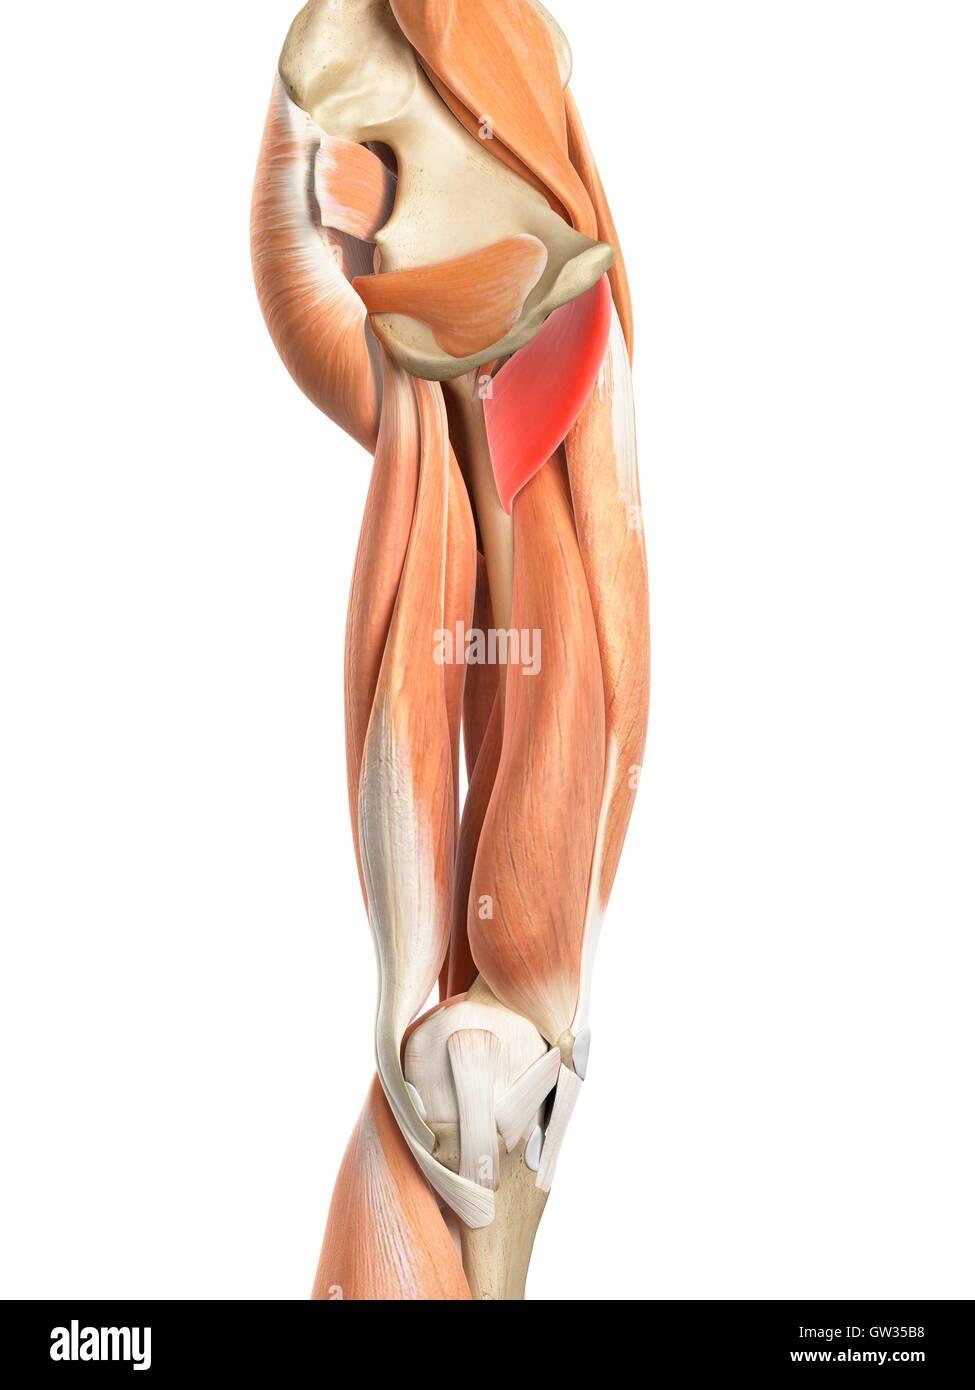 Menschliches Beinmuskeln, Abbildung Stockfoto, Bild: 118698700 - Alamy